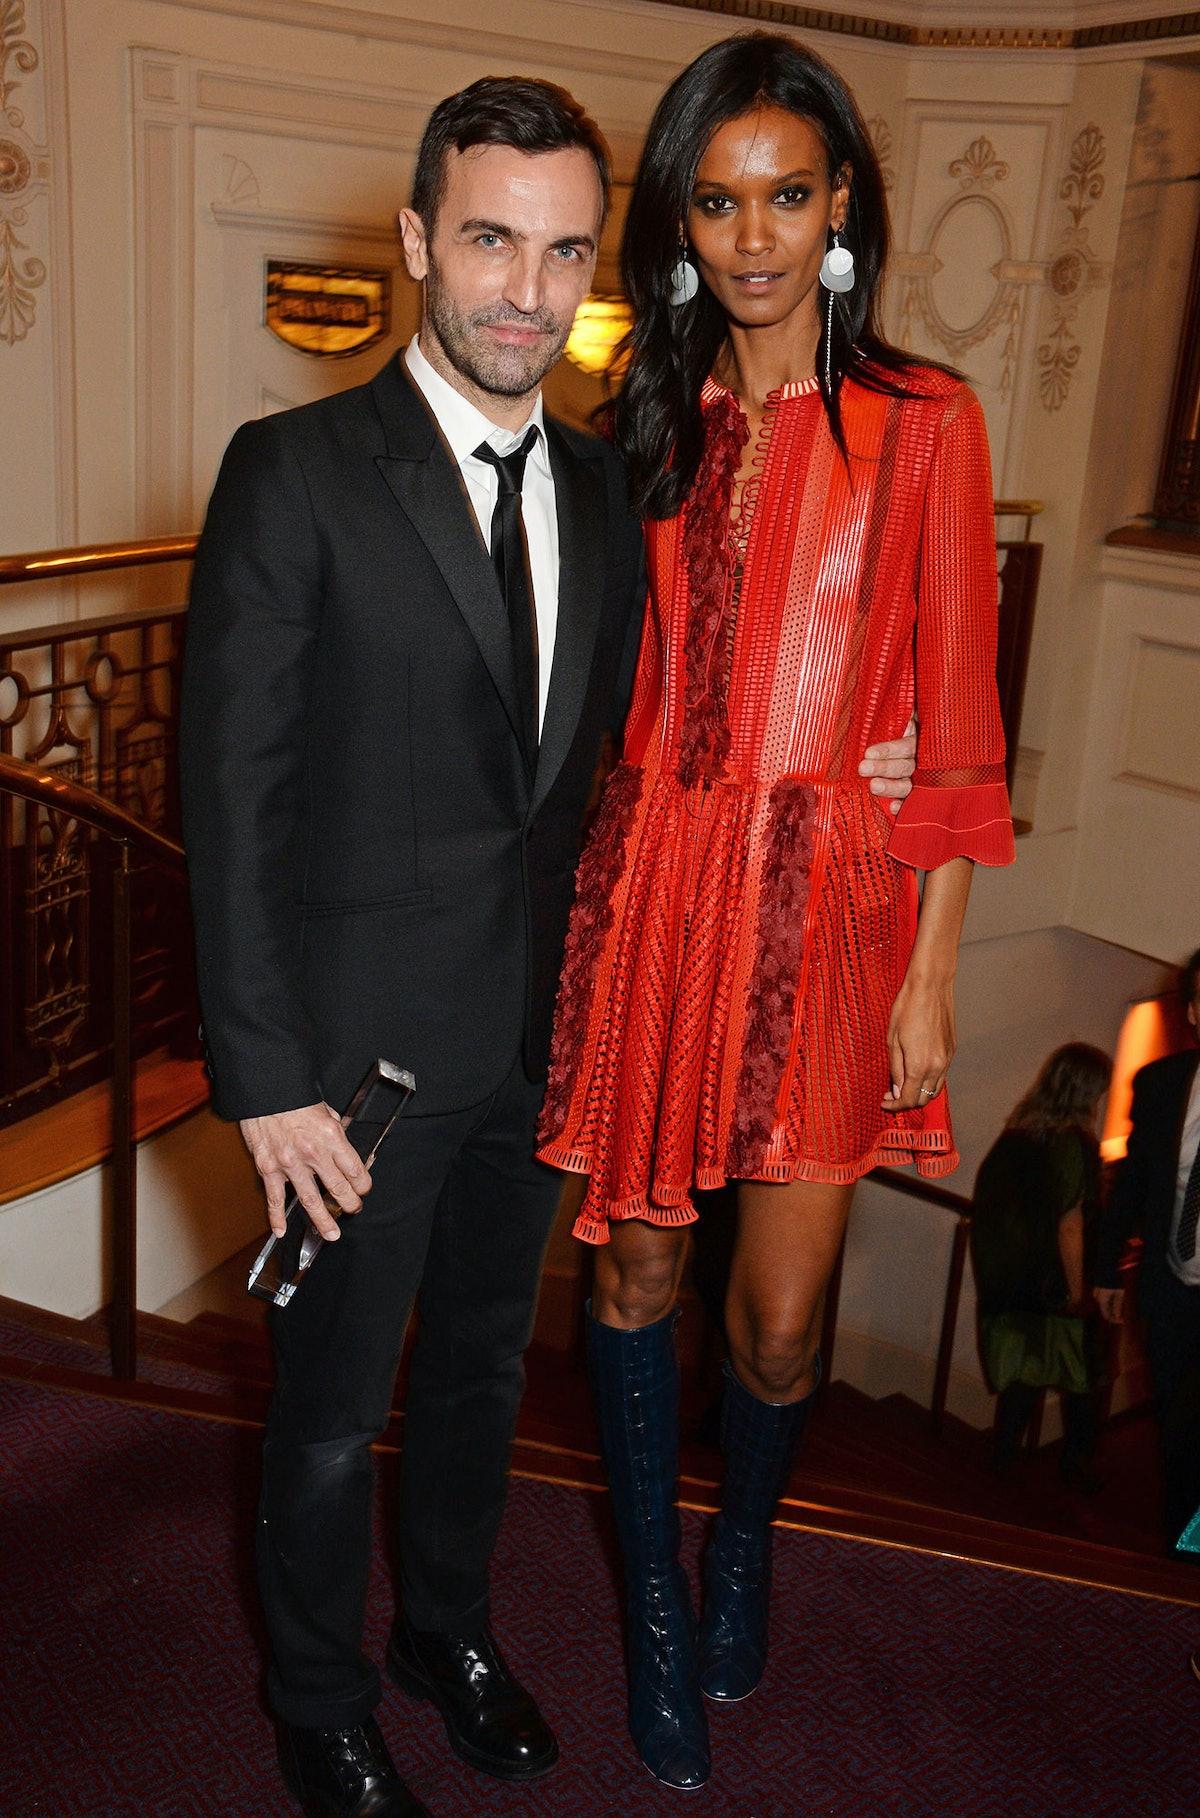 Nicolas Ghesquiere and Liya Kebede